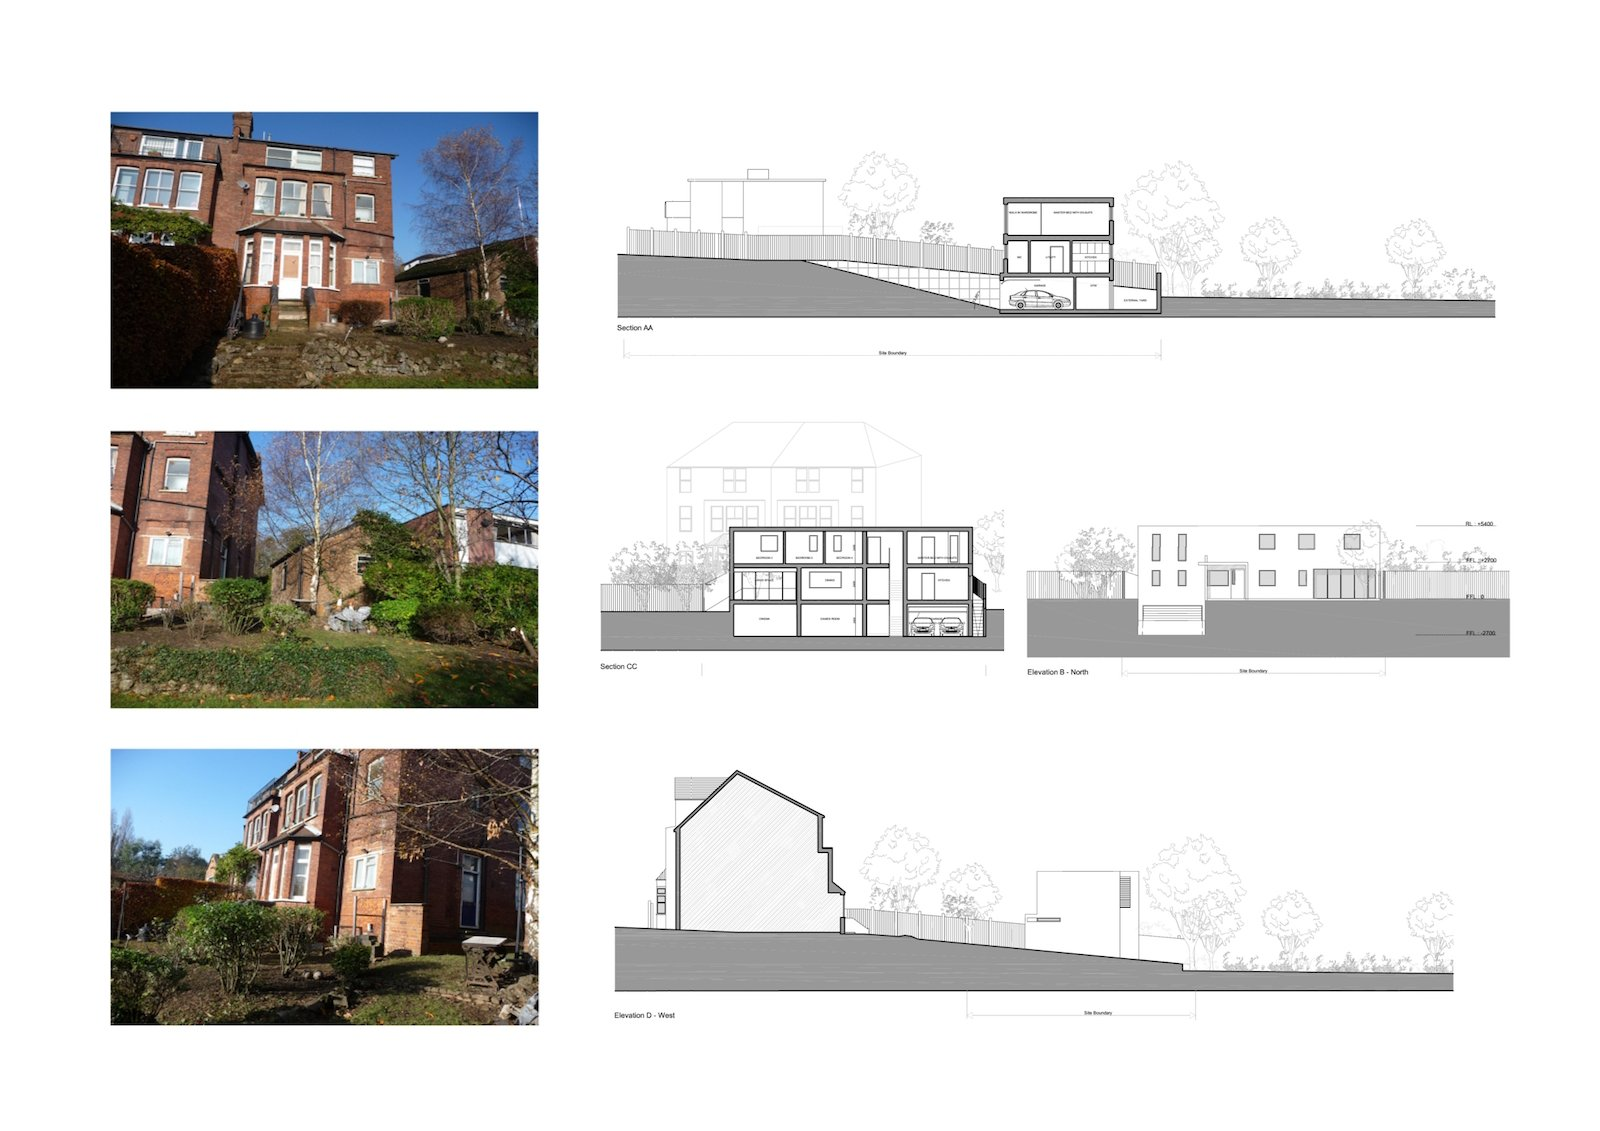 02 Highgate Haringey N6 House development Site sections 2 Highgate I, Haringey N6 | Residential property development